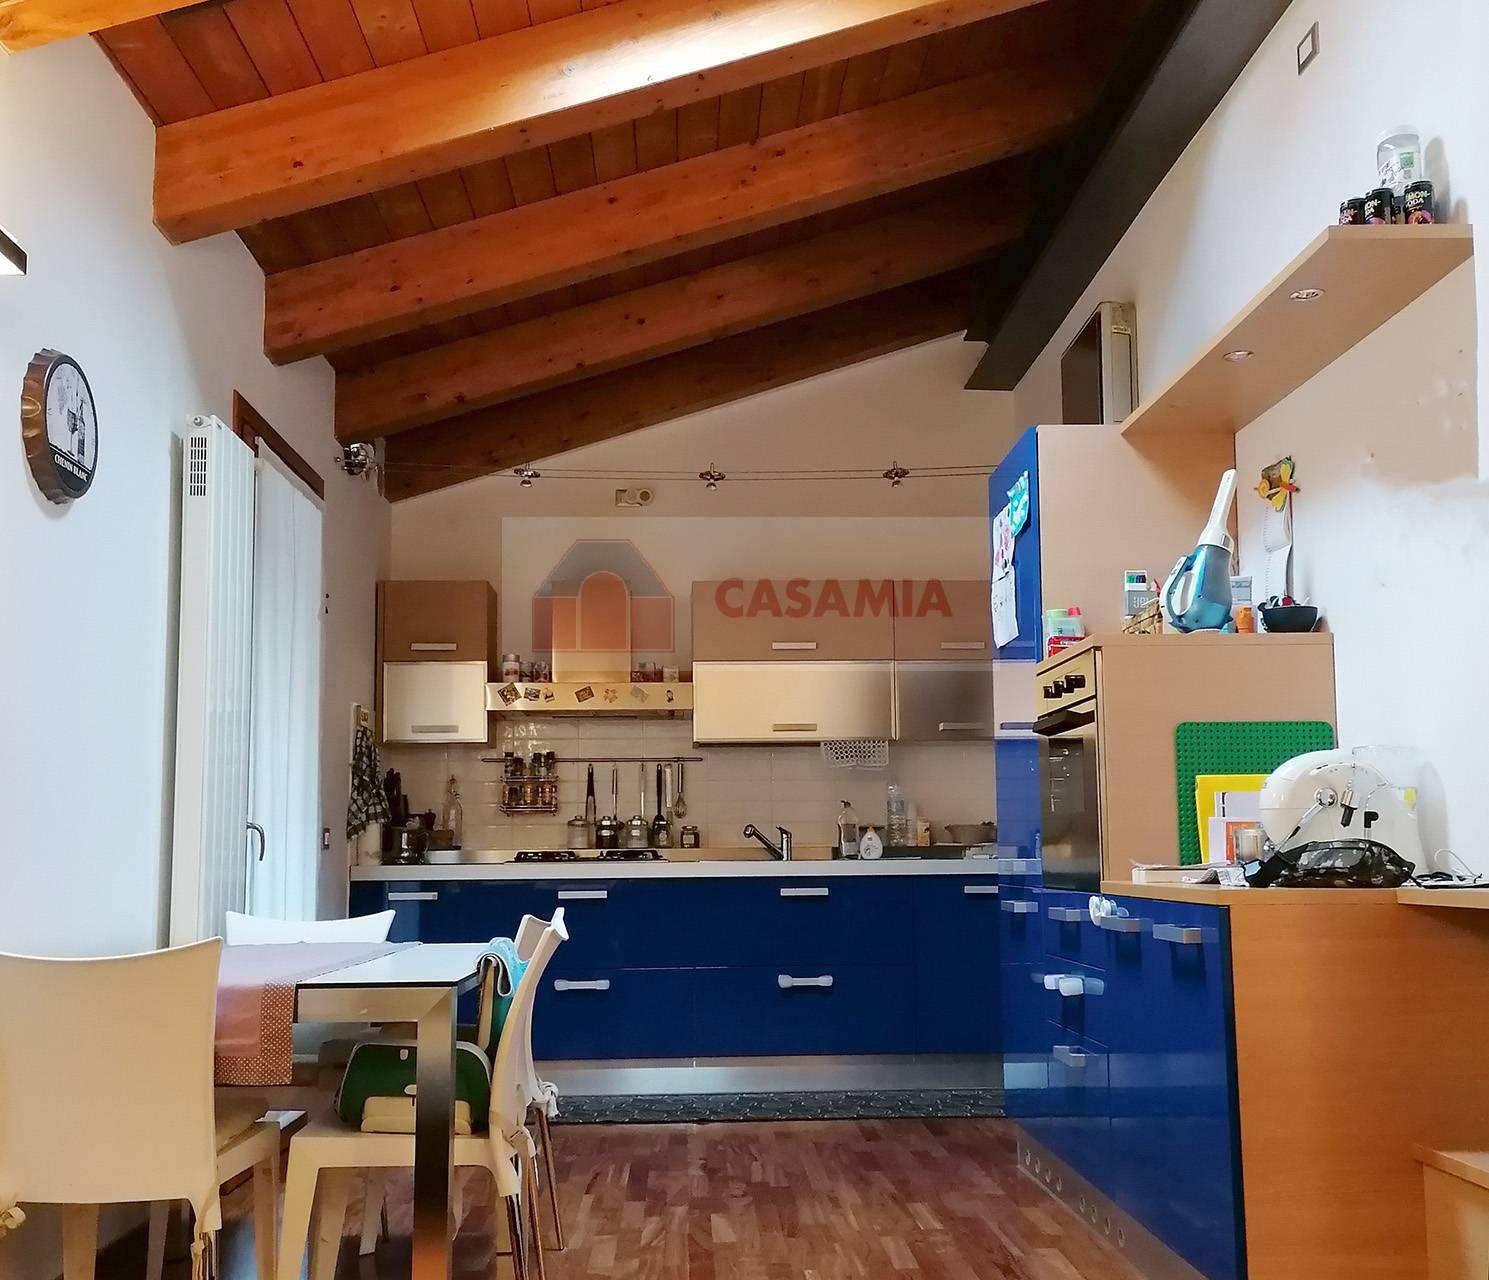 Appartamento in vendita a Motta di Livenza, 4 locali, zona Località: SanGiovanni, prezzo € 140.000 | PortaleAgenzieImmobiliari.it